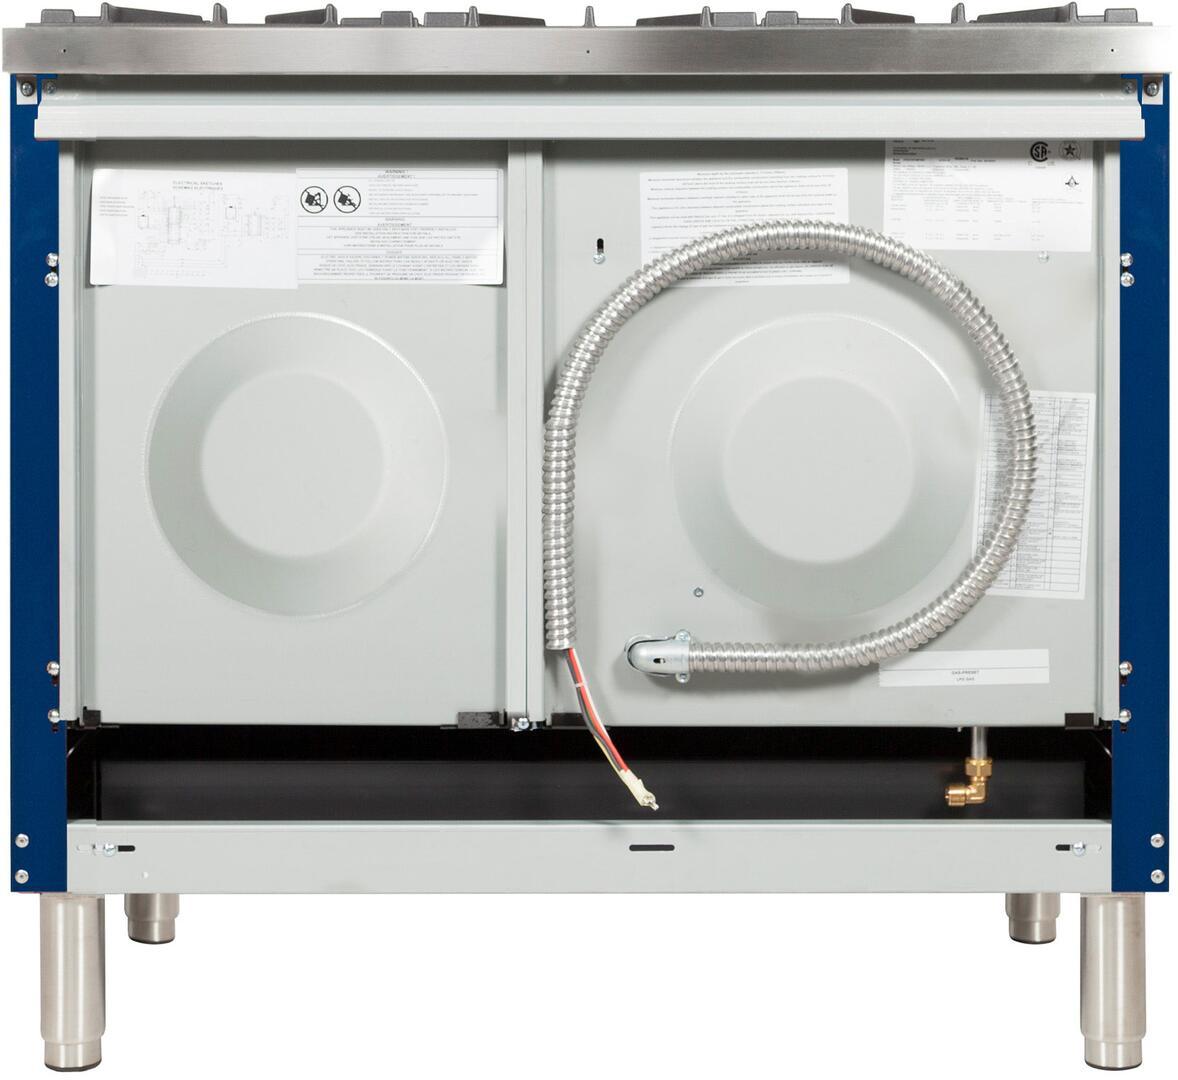 Ilve Nostalgie UPN120FDMPBLX Freestanding Dual Fuel Range Blue, UPN120FDMPBLX Back View